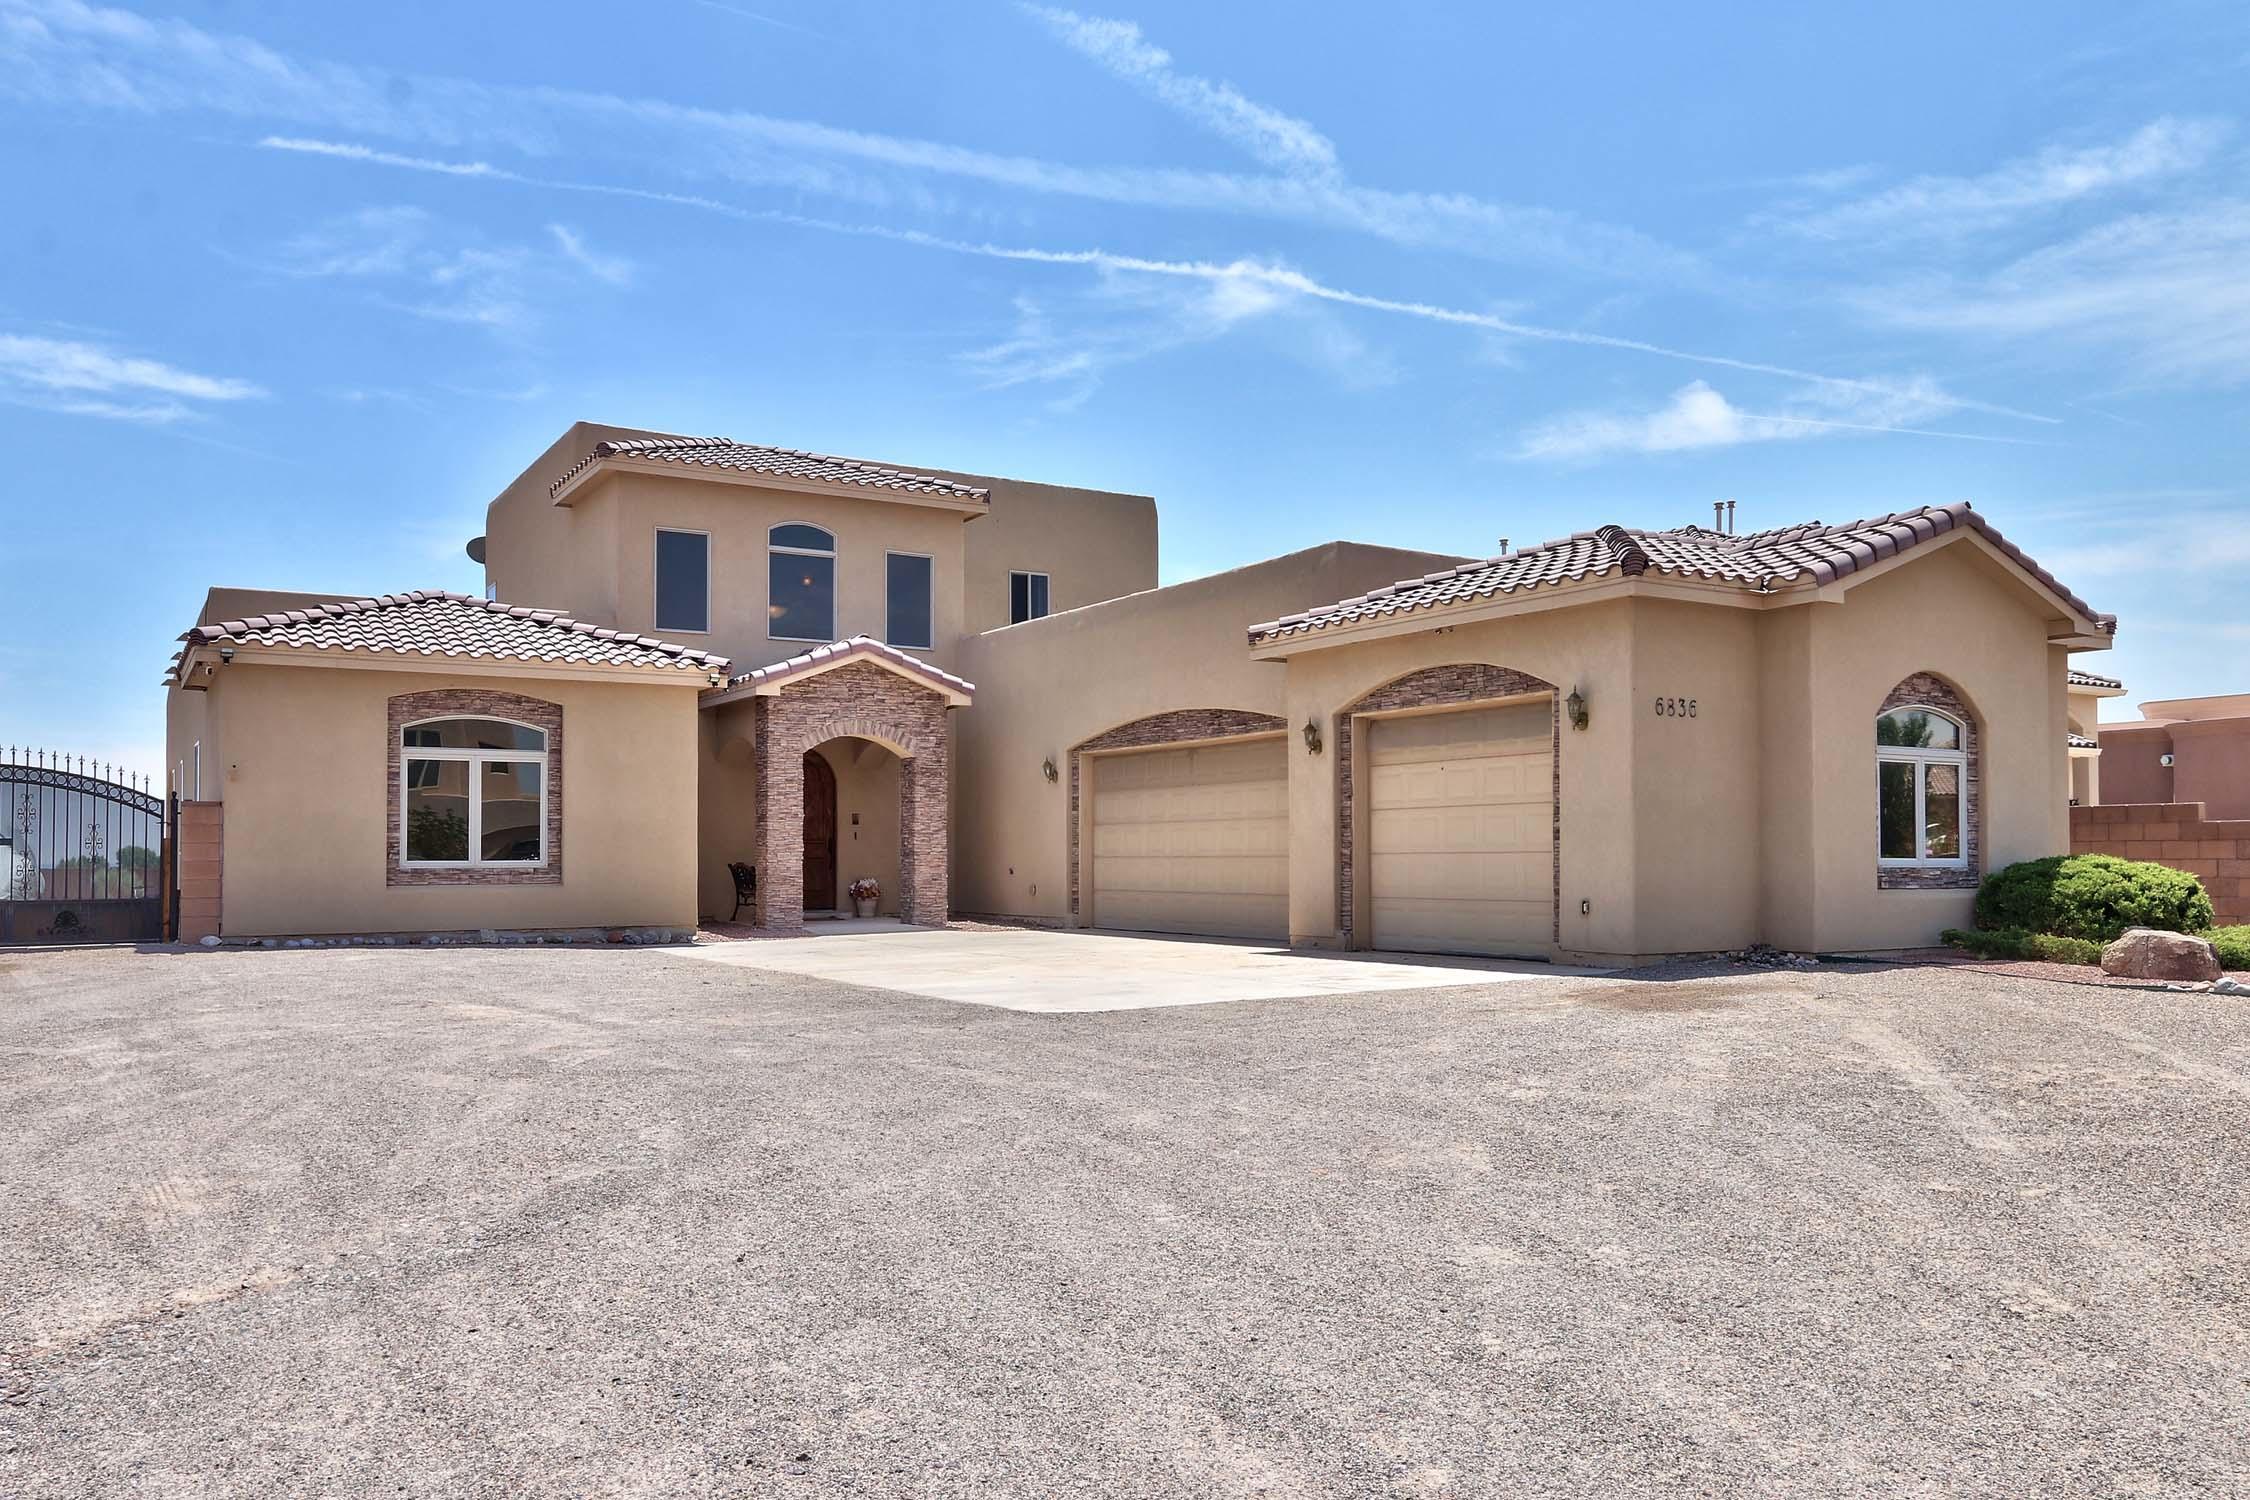 6836 KALGAN Road, Rio Rancho NM 87144